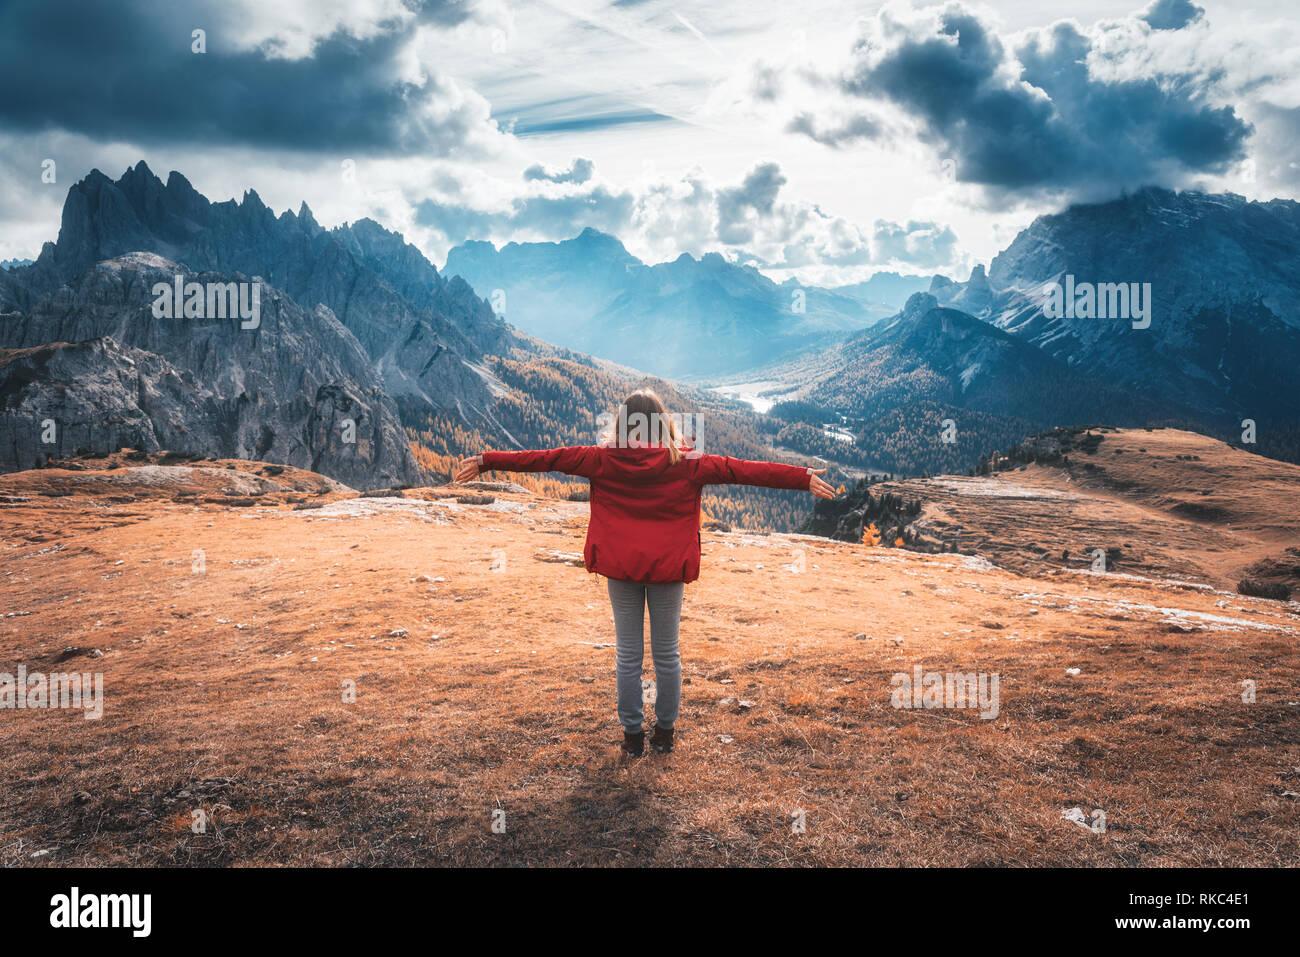 """Wunderschöner Mantel der Marke """"Dolomiten"""